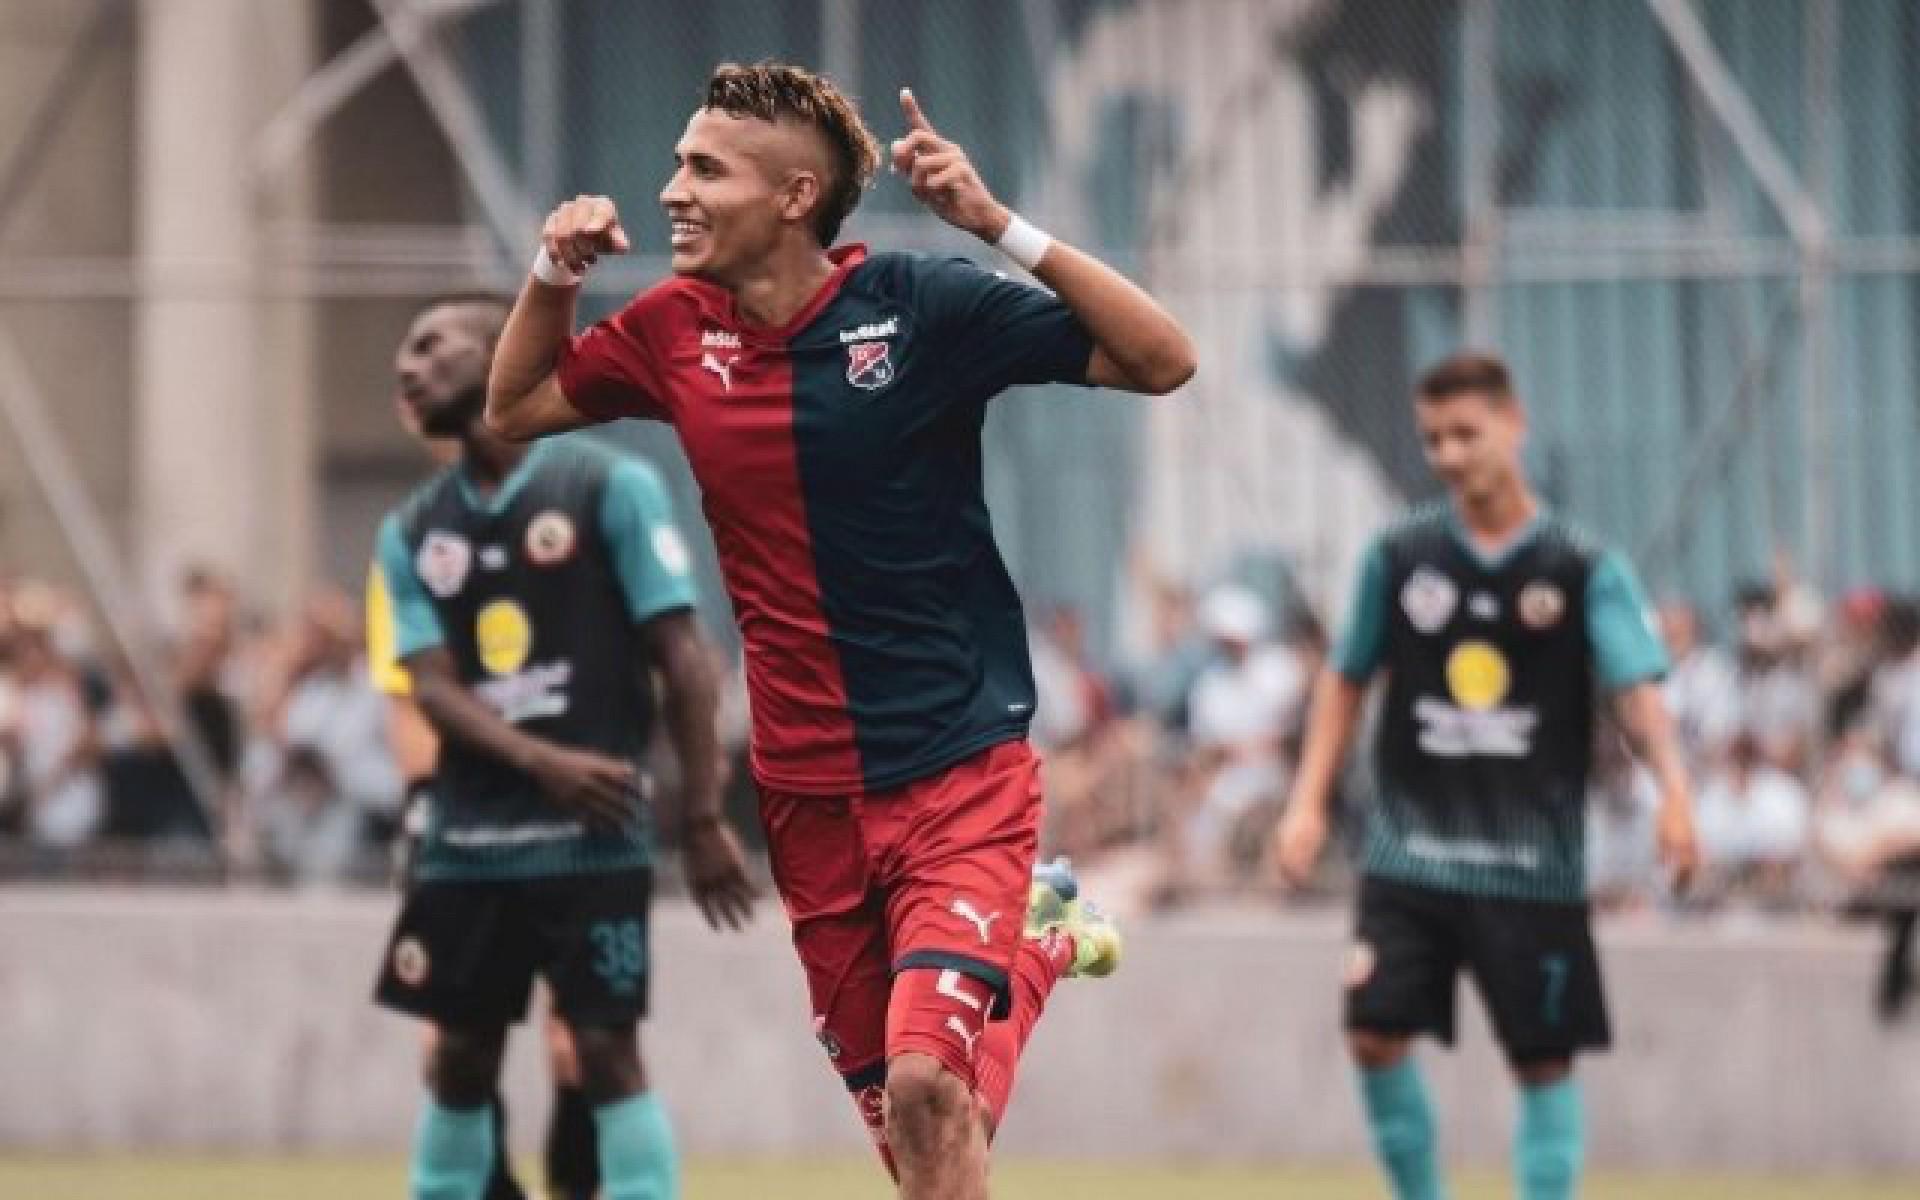 Após chegada de Kenedy, Flamengo fecha a contratação de mais um atacante